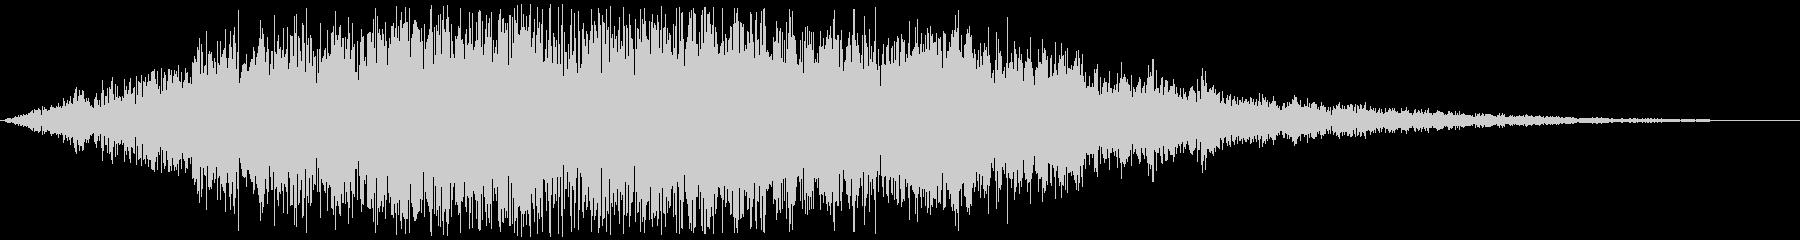 サウンドロゴ(癒やし系) ファーンの未再生の波形